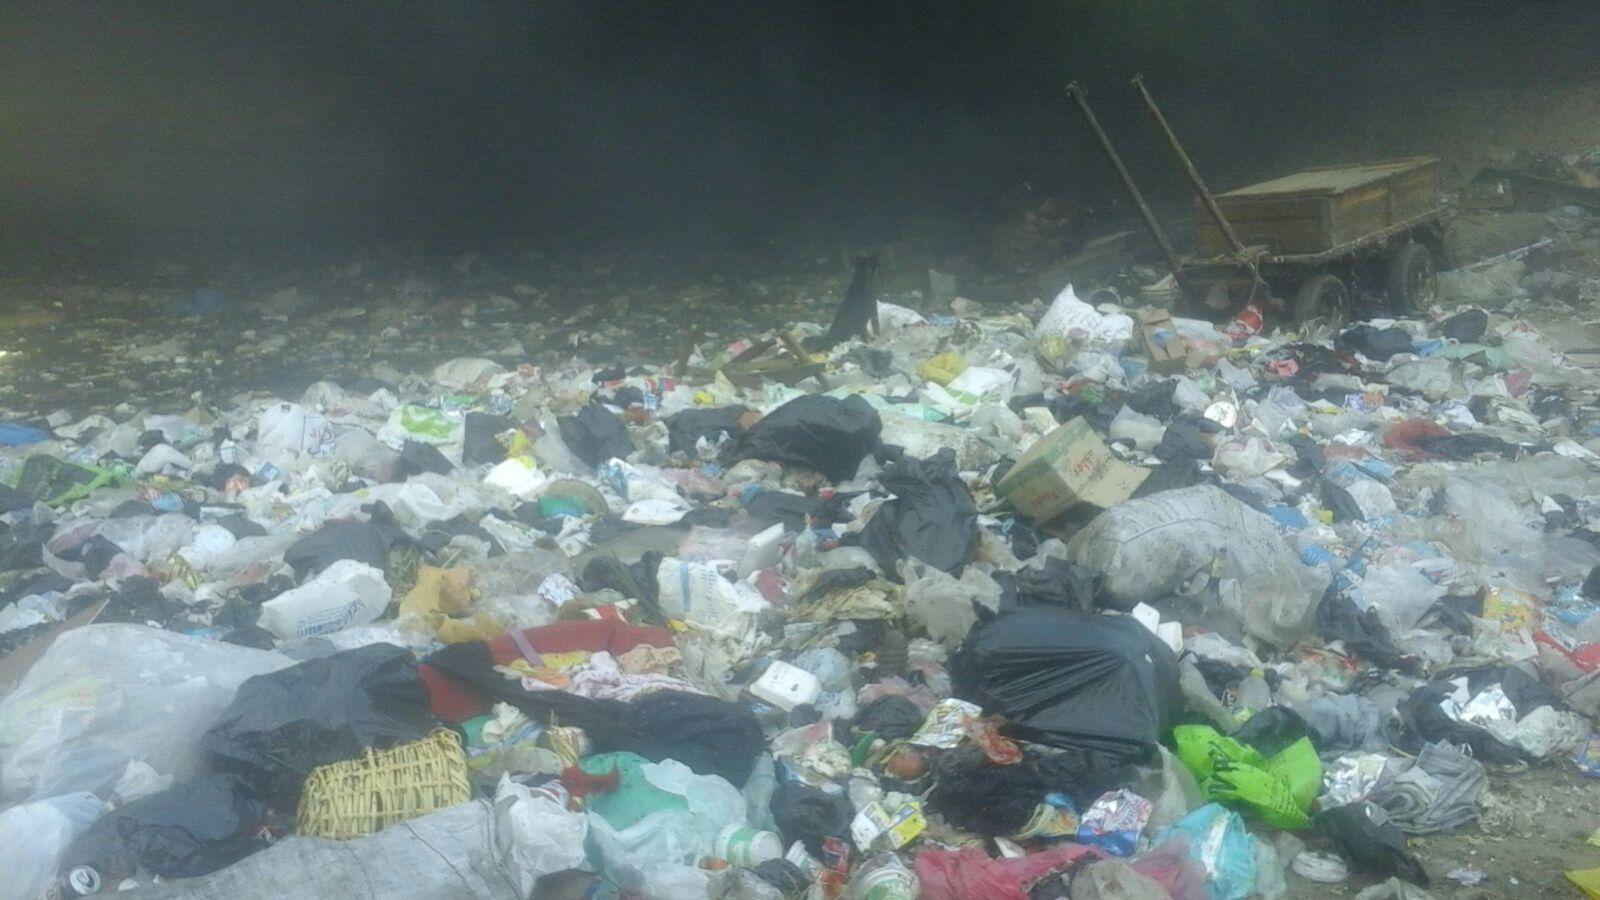 بالصور.. مواطن يرصد تحول منطقة أسفل «الدائري» بإمبابة إلى محرقة للقمامة والمخلفات